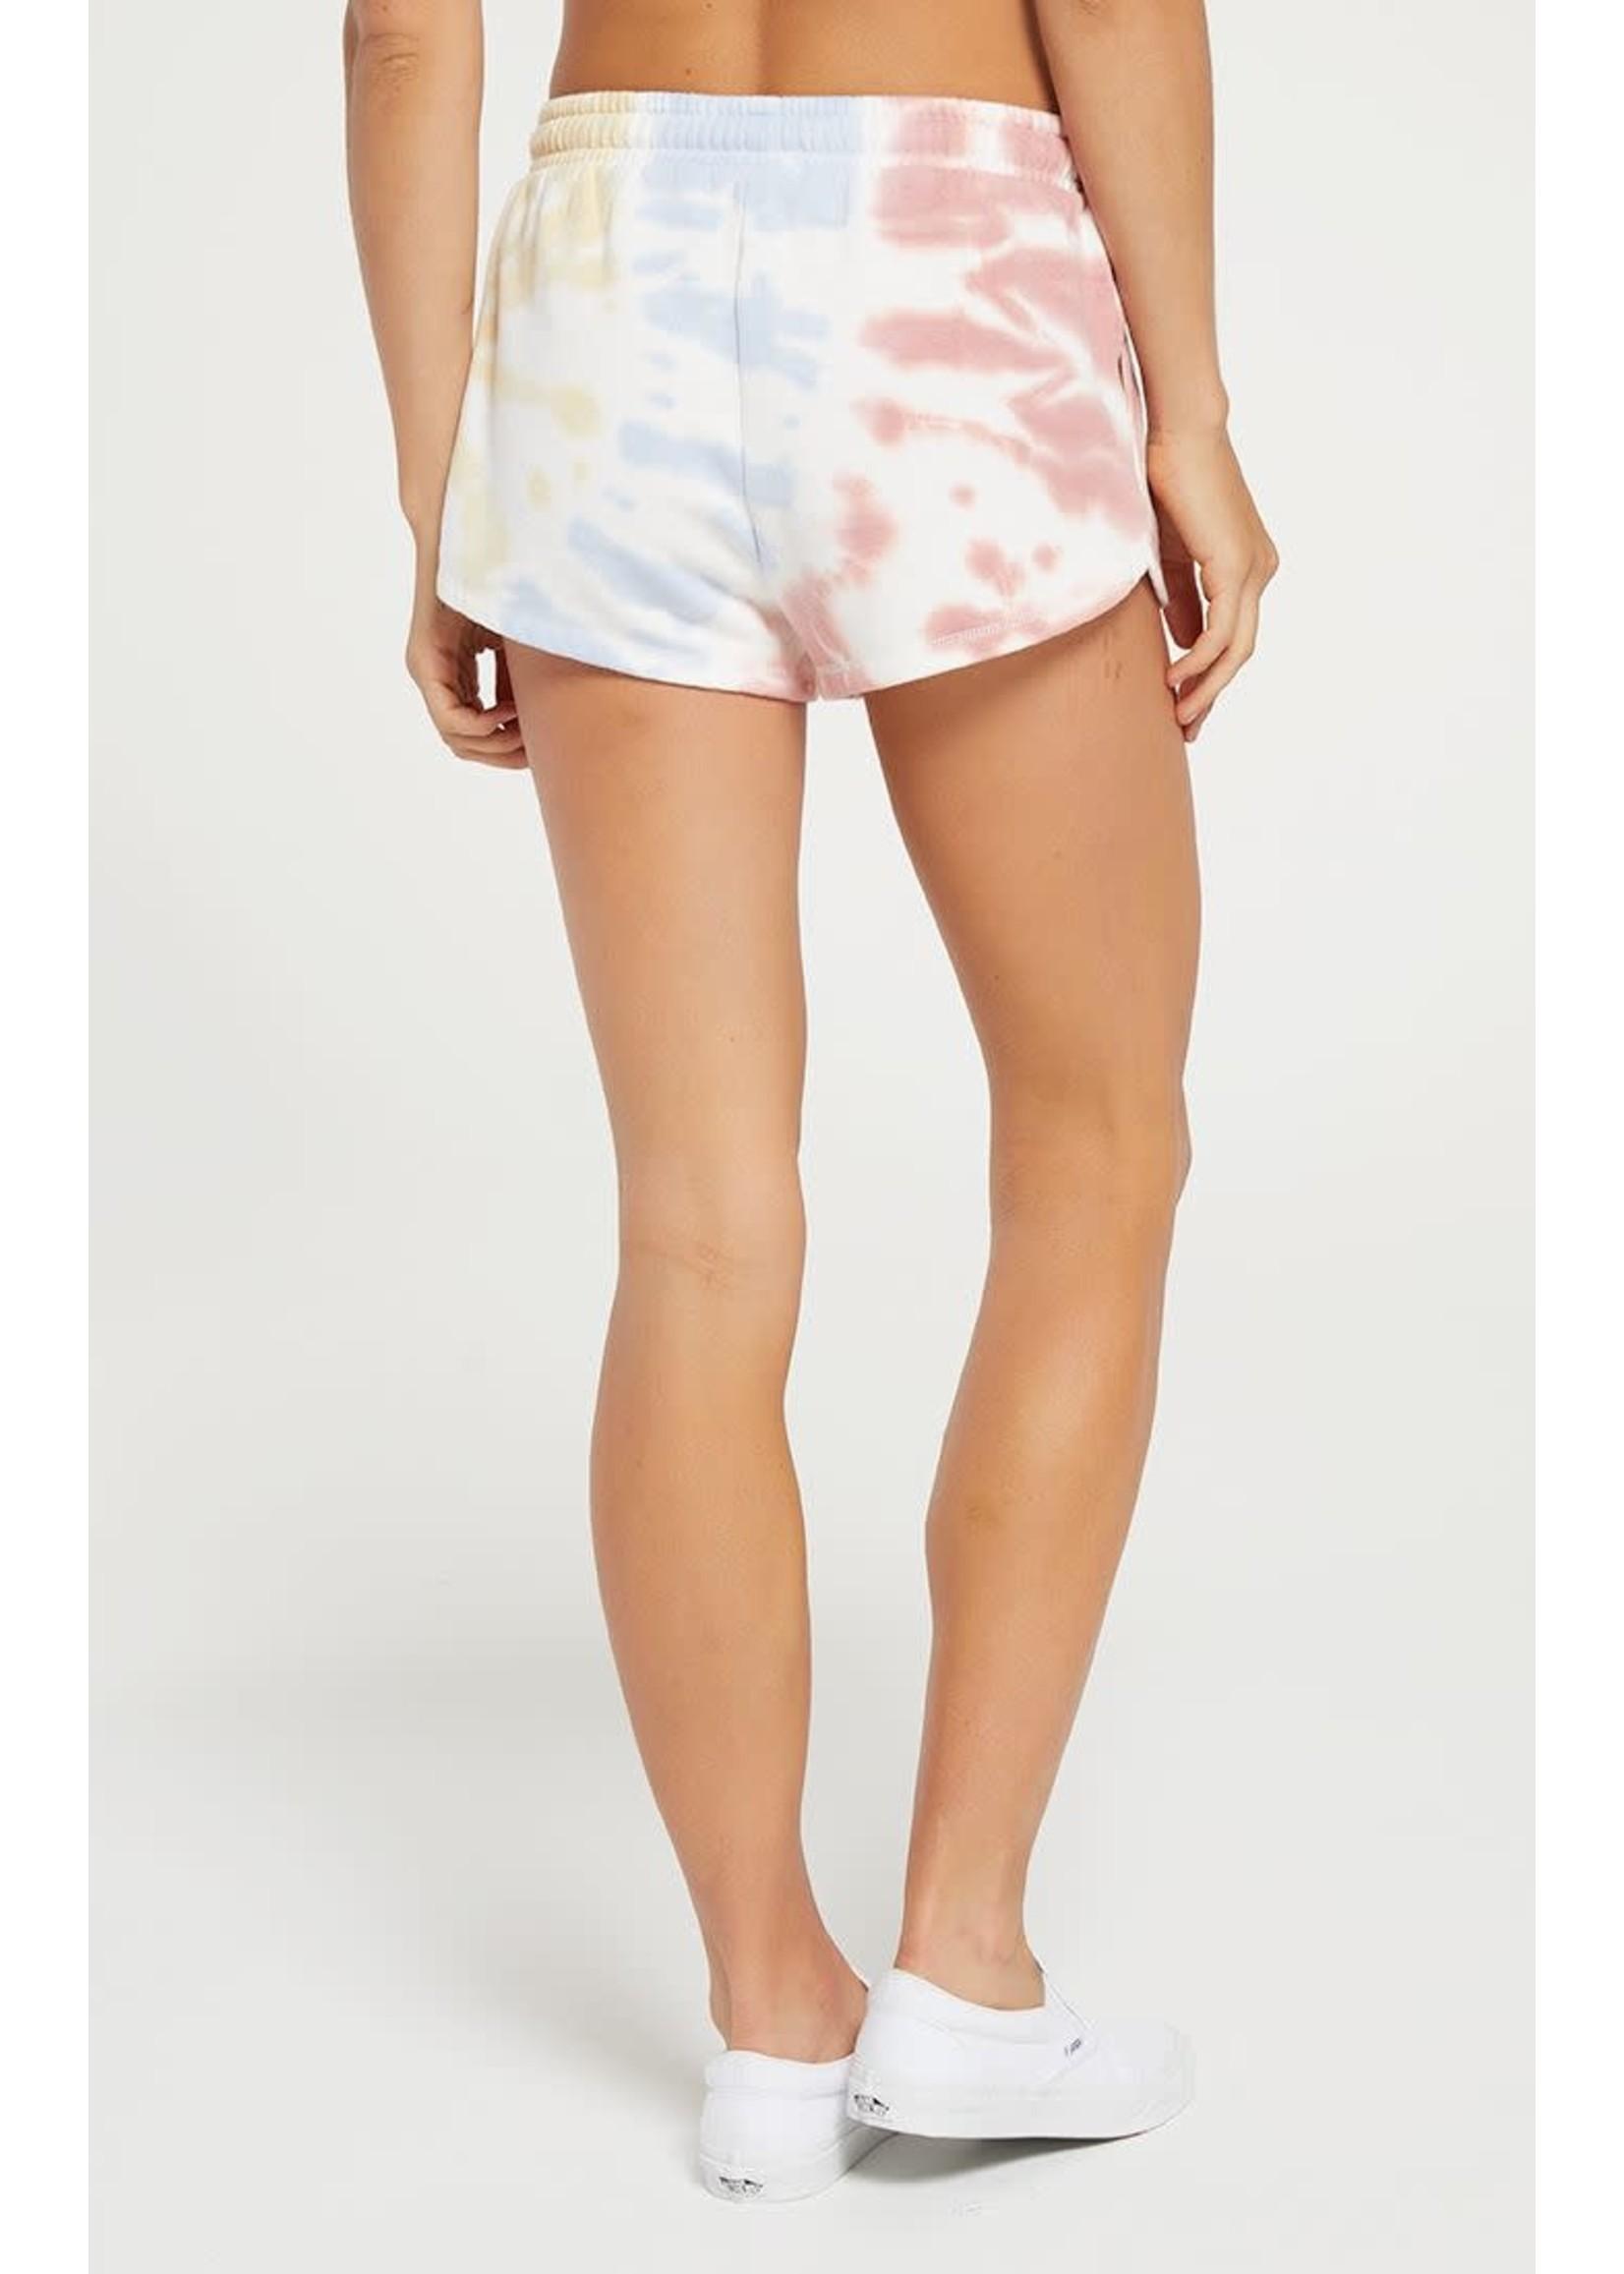 Z Supply Malibu Tie Dye Short